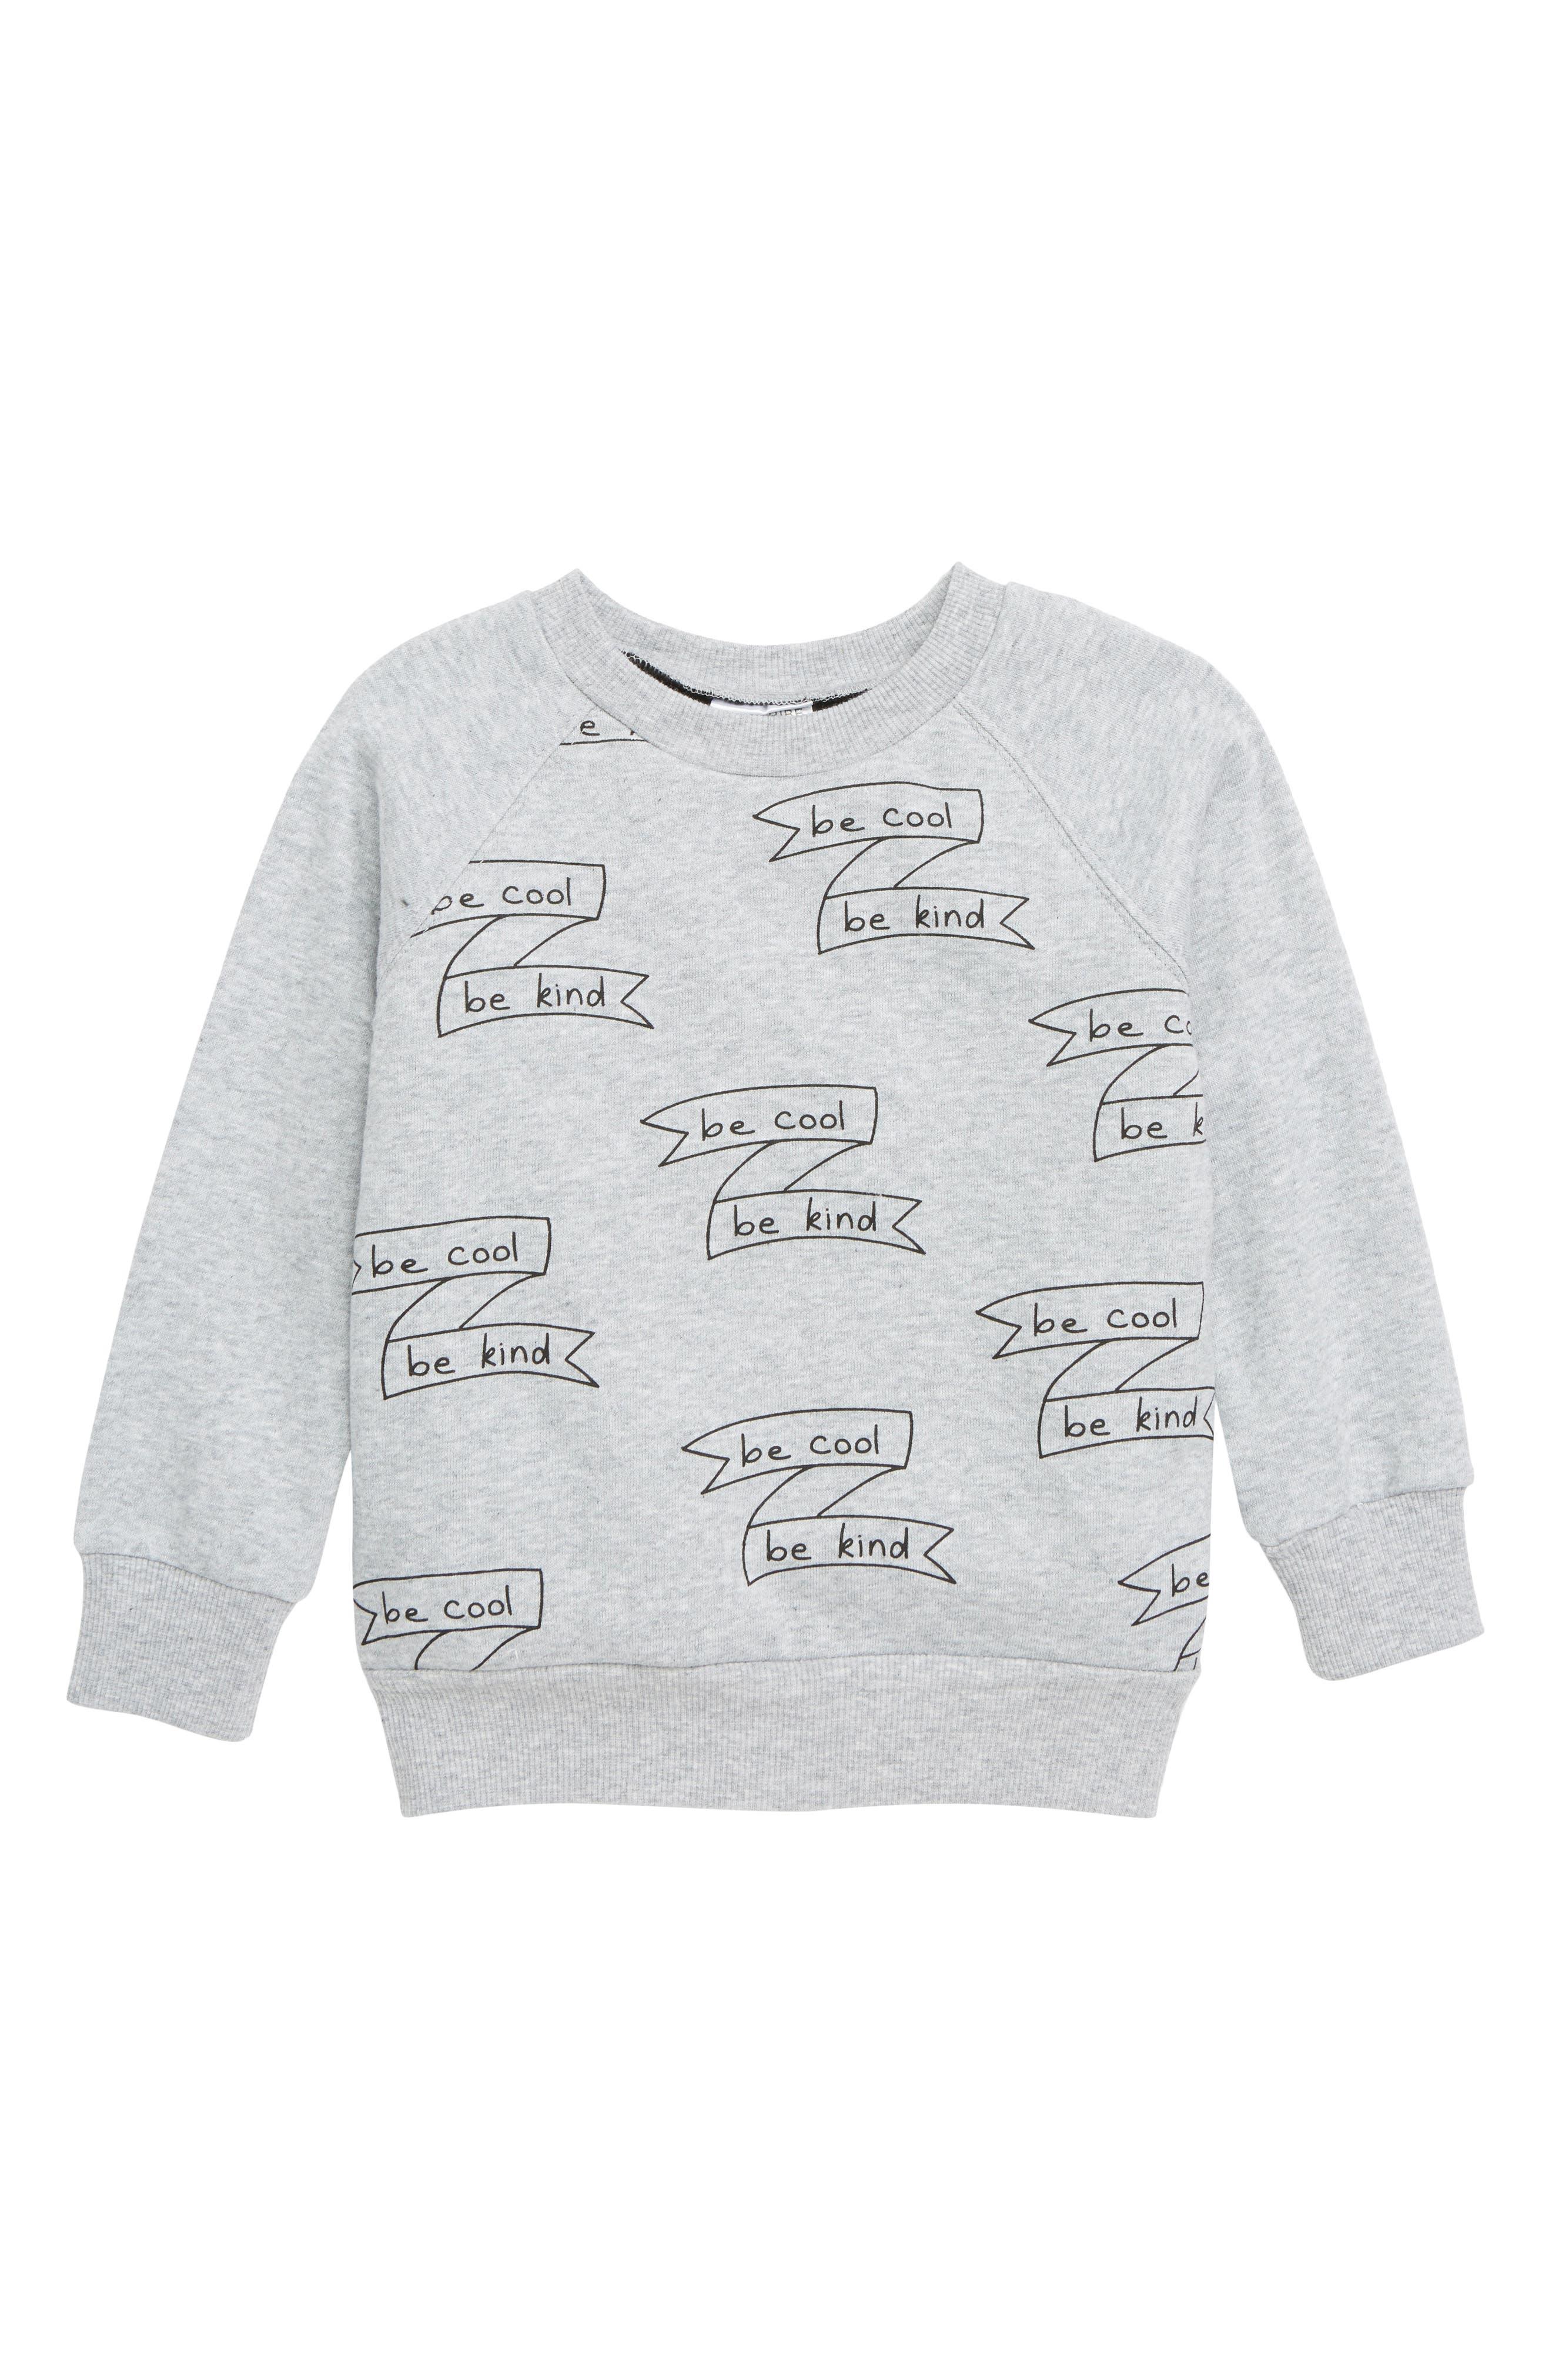 Be Cool Sweatshirt,                             Main thumbnail 1, color,                             GREY MARLE